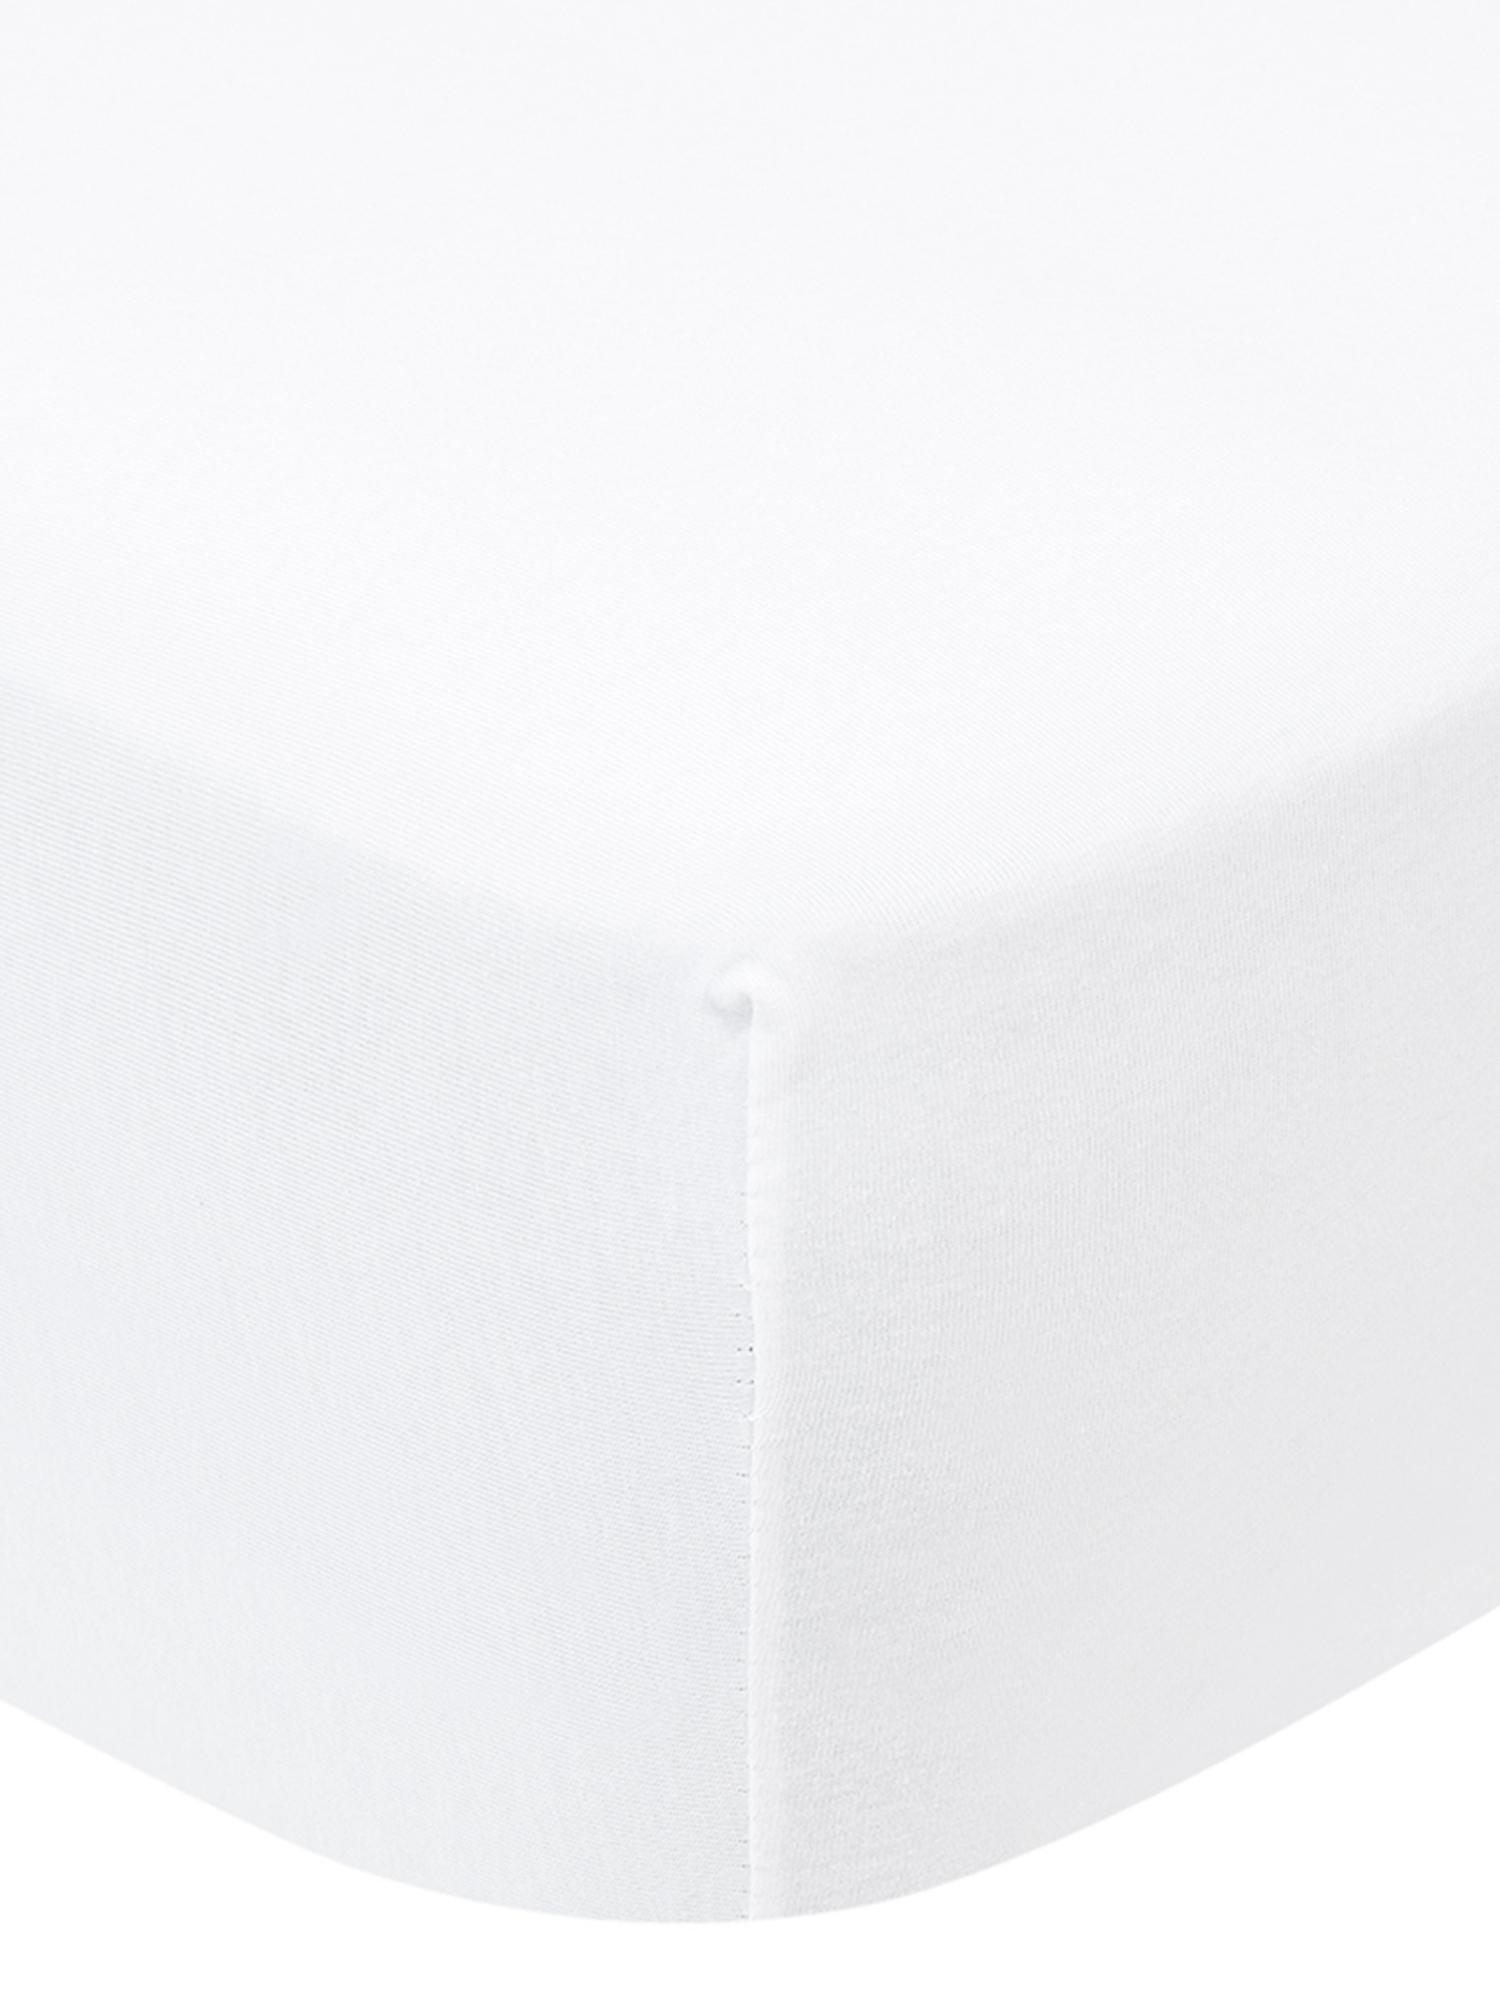 Spannbettlaken Lara, Jersey-Elasthan, 95% Baumwolle, 5% Elasthan, Weiß, 140 x 200 cm